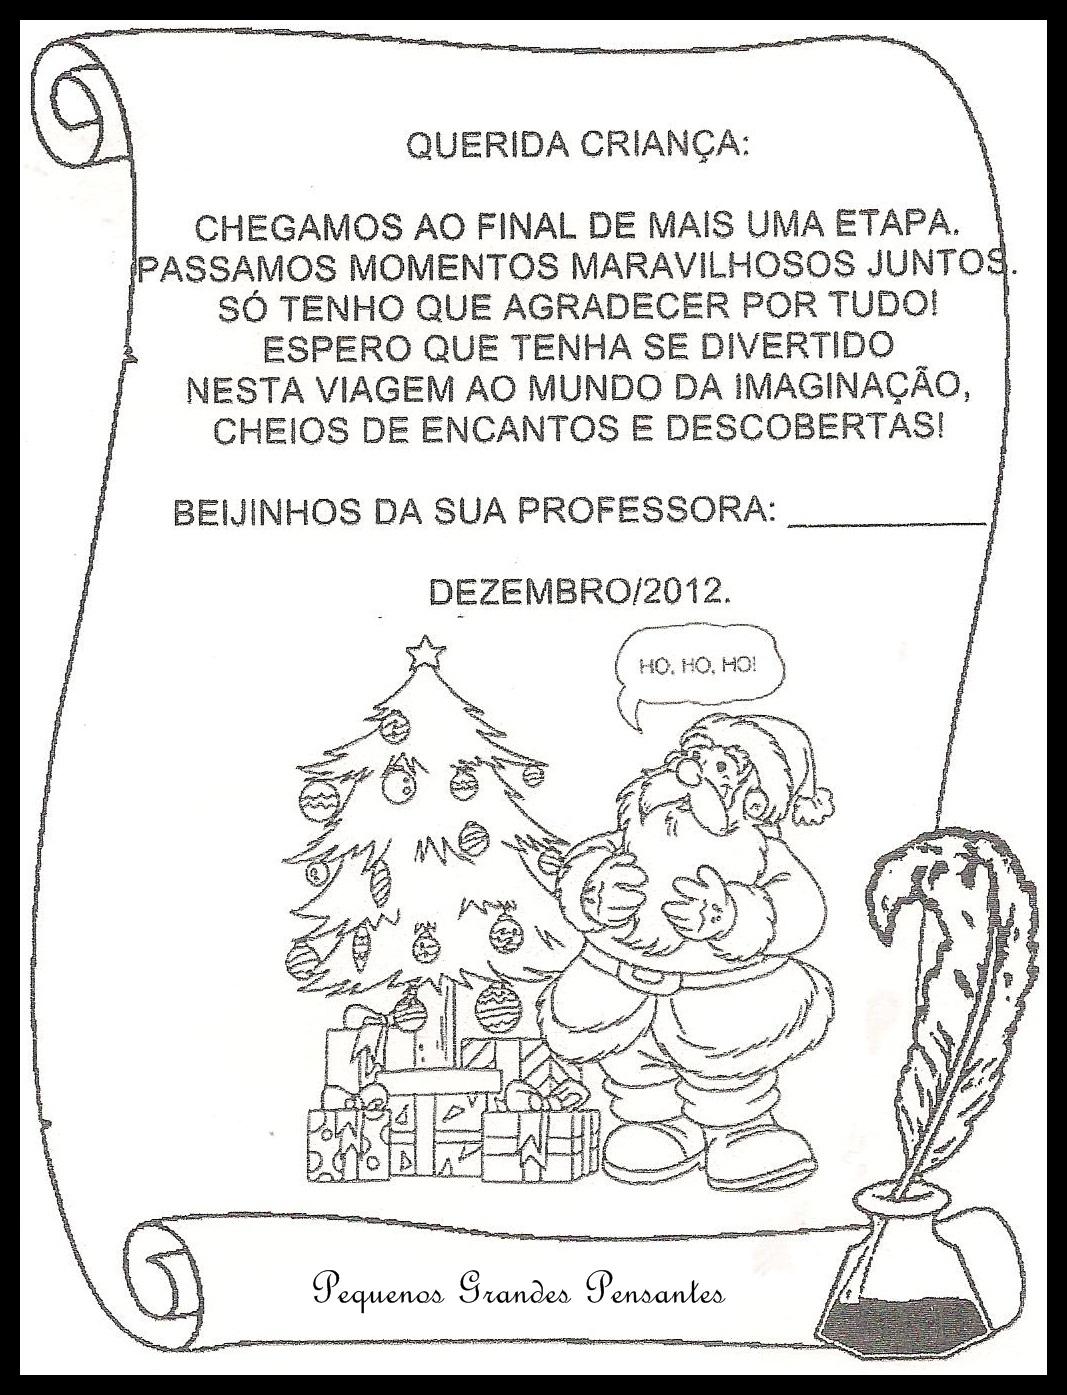 Excepcional Pequenos Grandes Pensantes.: Cartões de Natal para Educação Infantil WV79